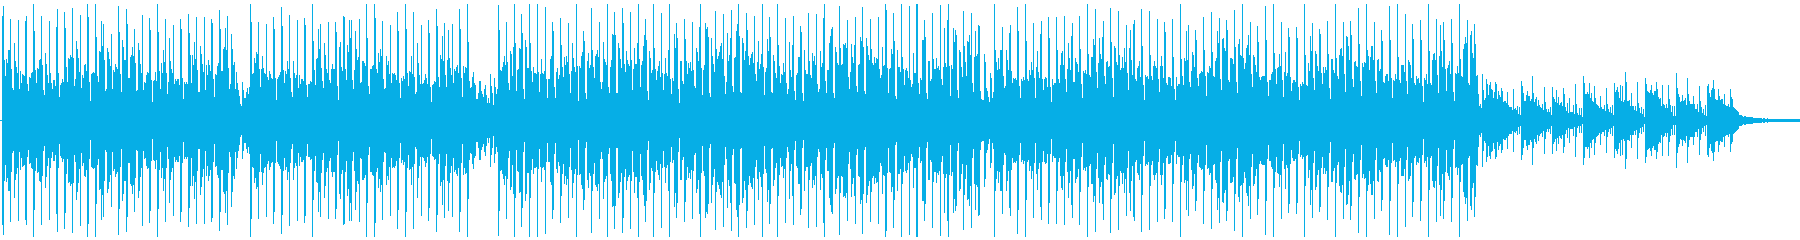 アンビエント テクノロジー ピアノ...の再生済みの波形